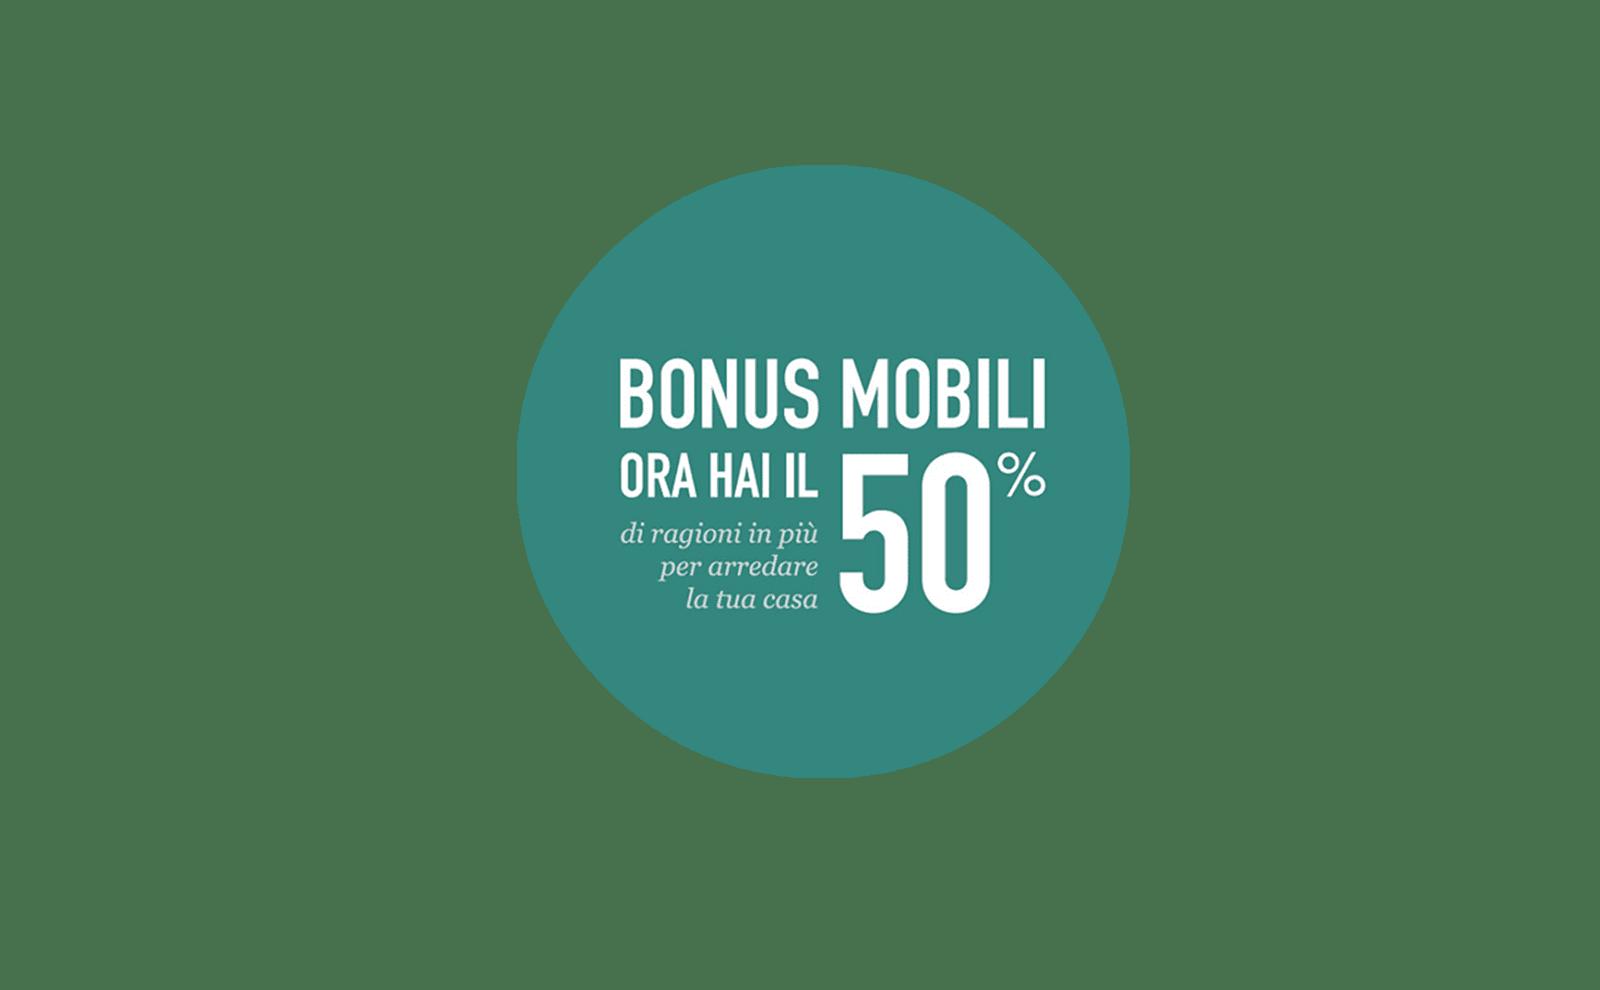 Bonus mobili rinnovato a tutto il 2019 arredamenti meneghello - Bonus mobili iva ...